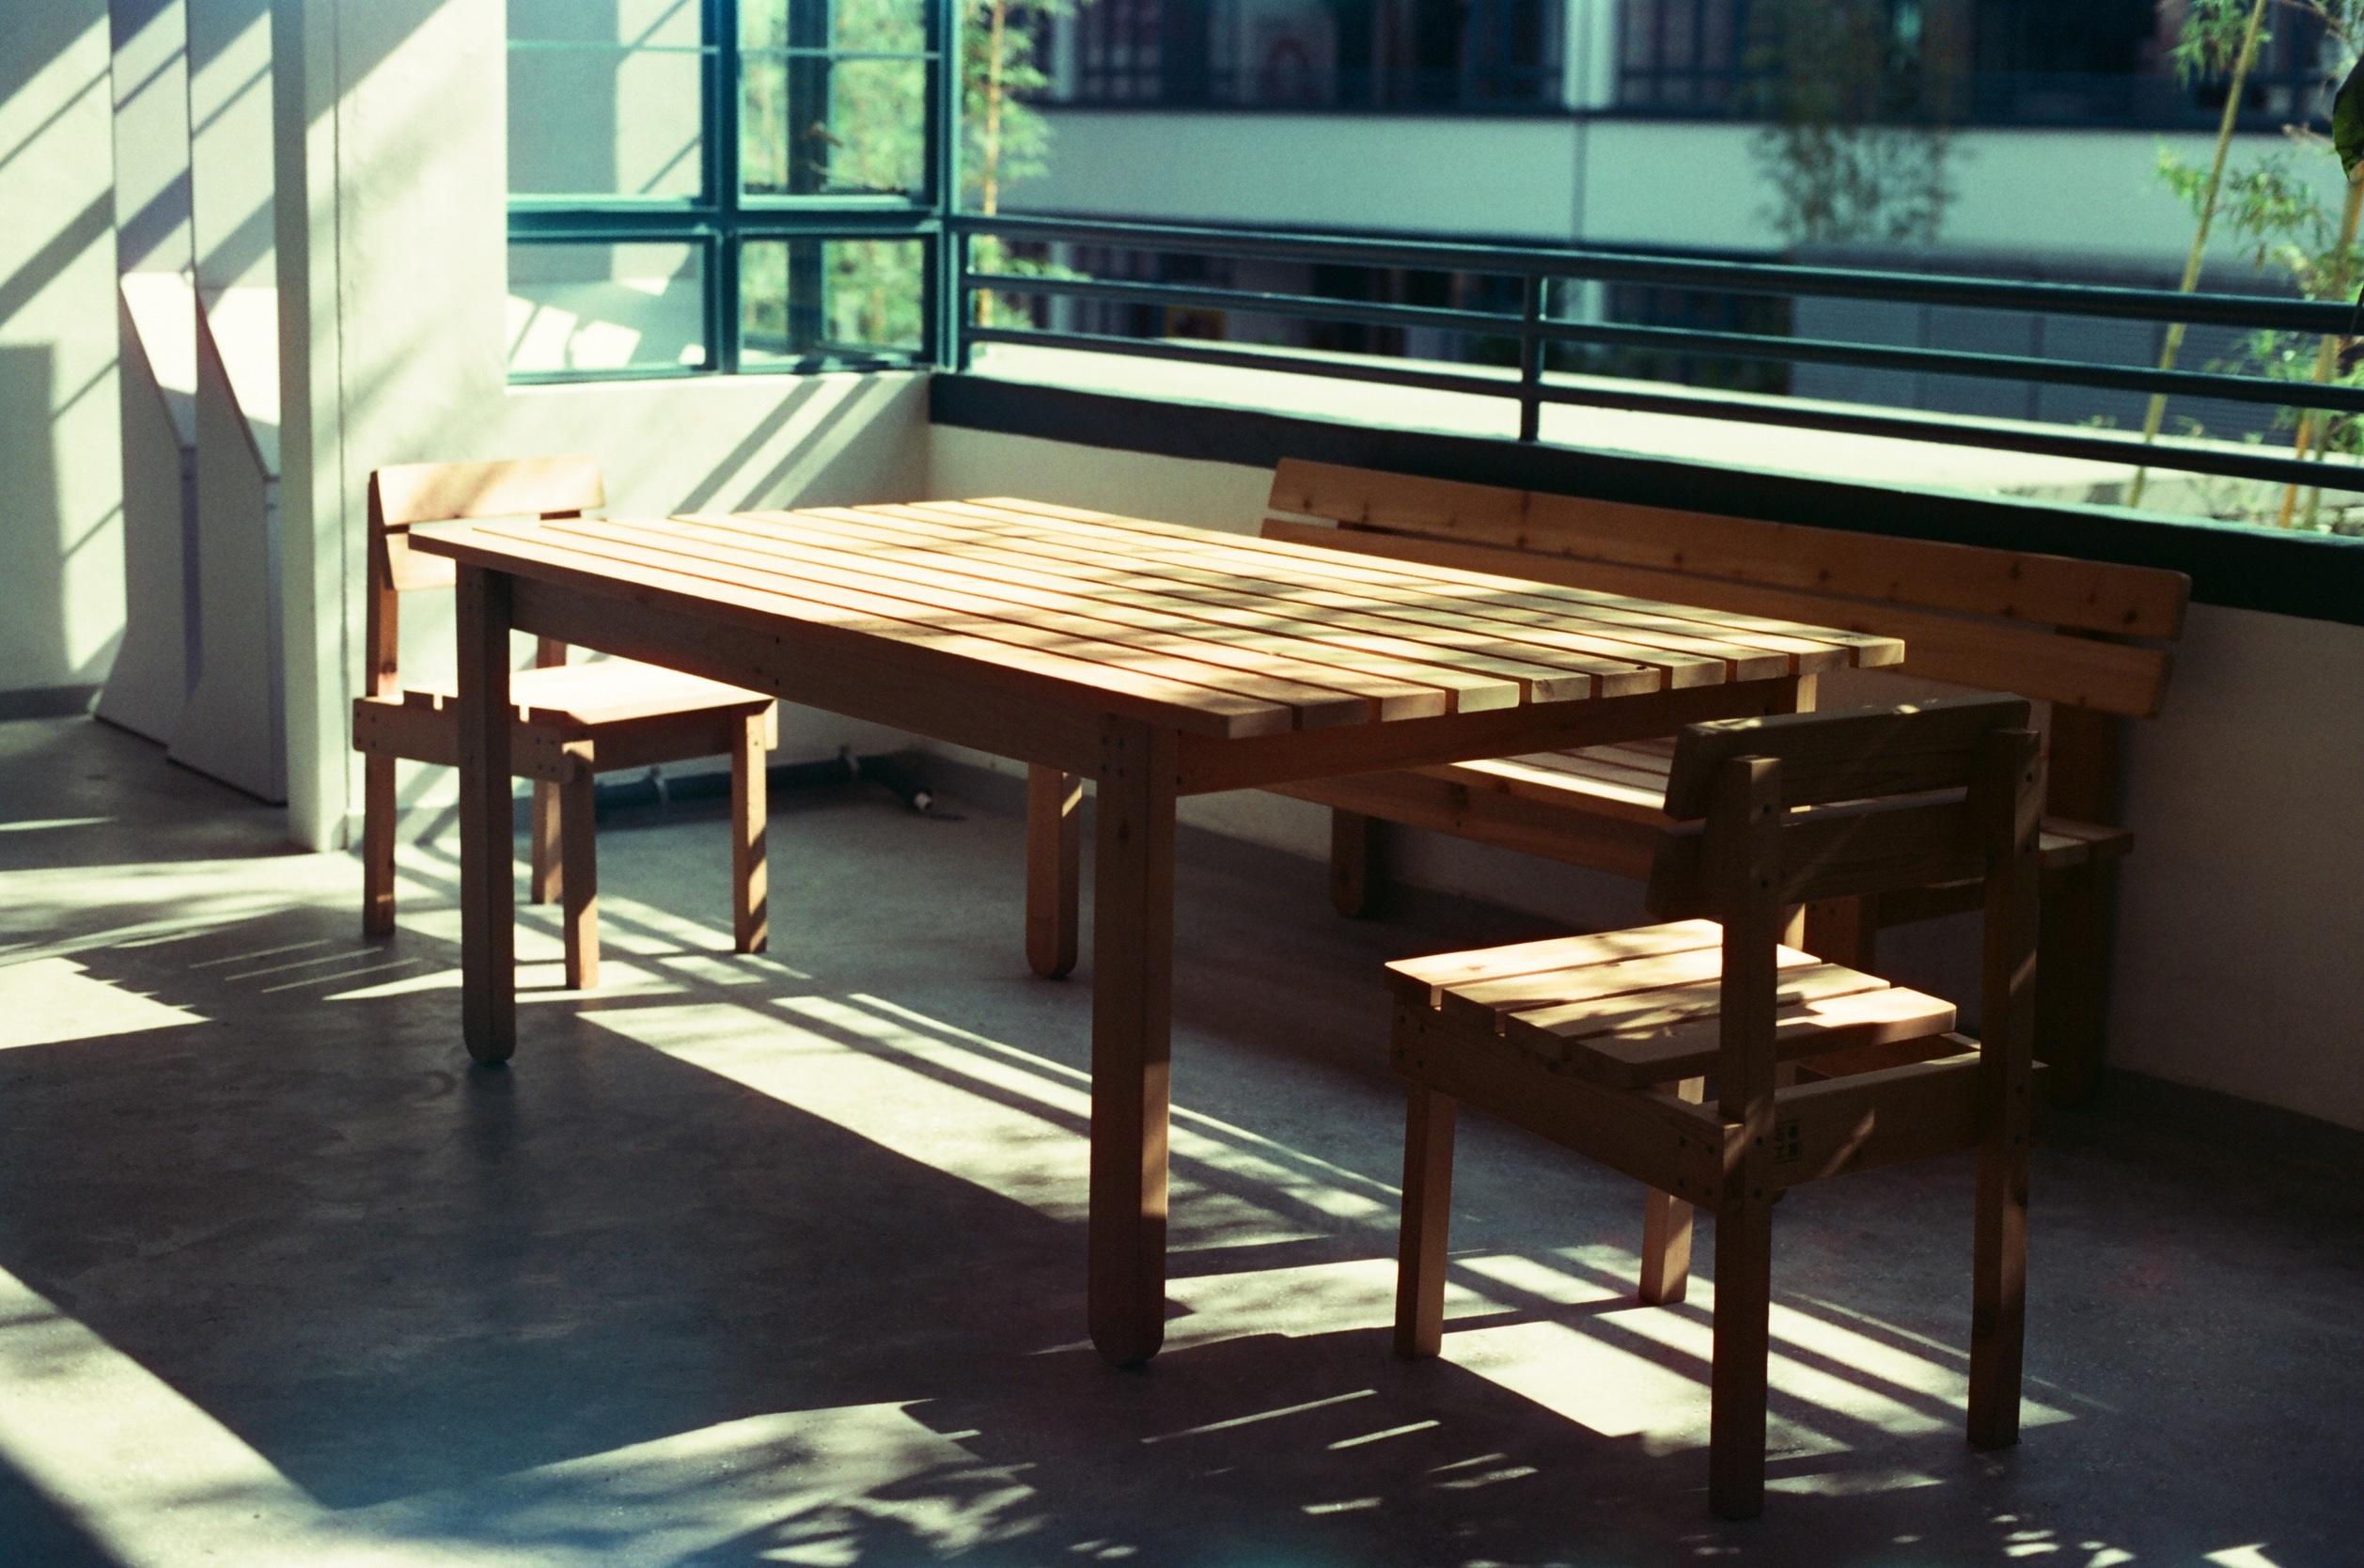 Nytt Bildet : pulten, bord, tre, benk, sollys, balkong, møbler, rom GZ-64